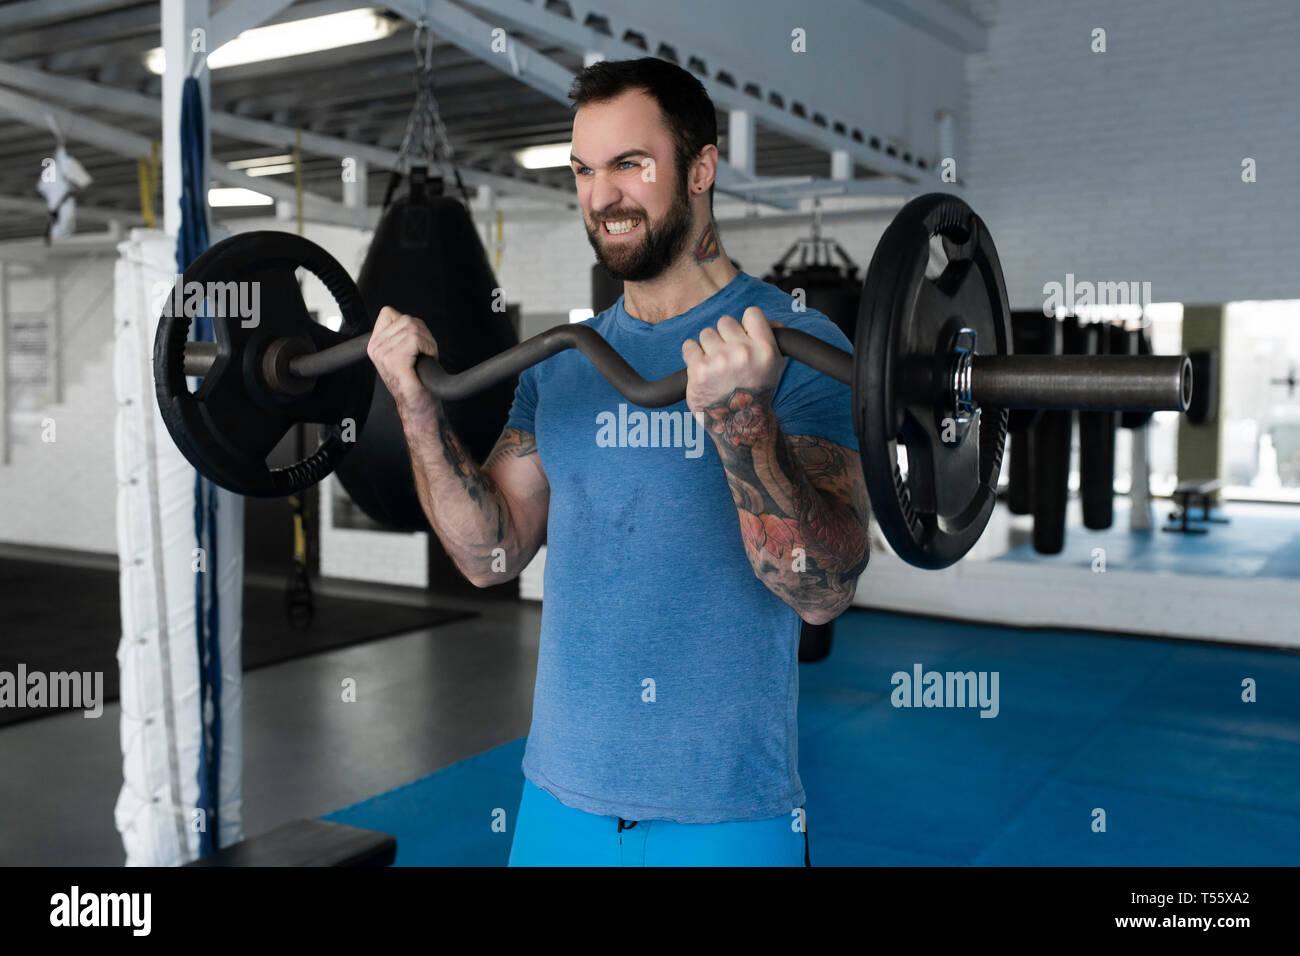 Mitad hombre adulto el levantamiento de pesas en el gimnasio Foto de stock